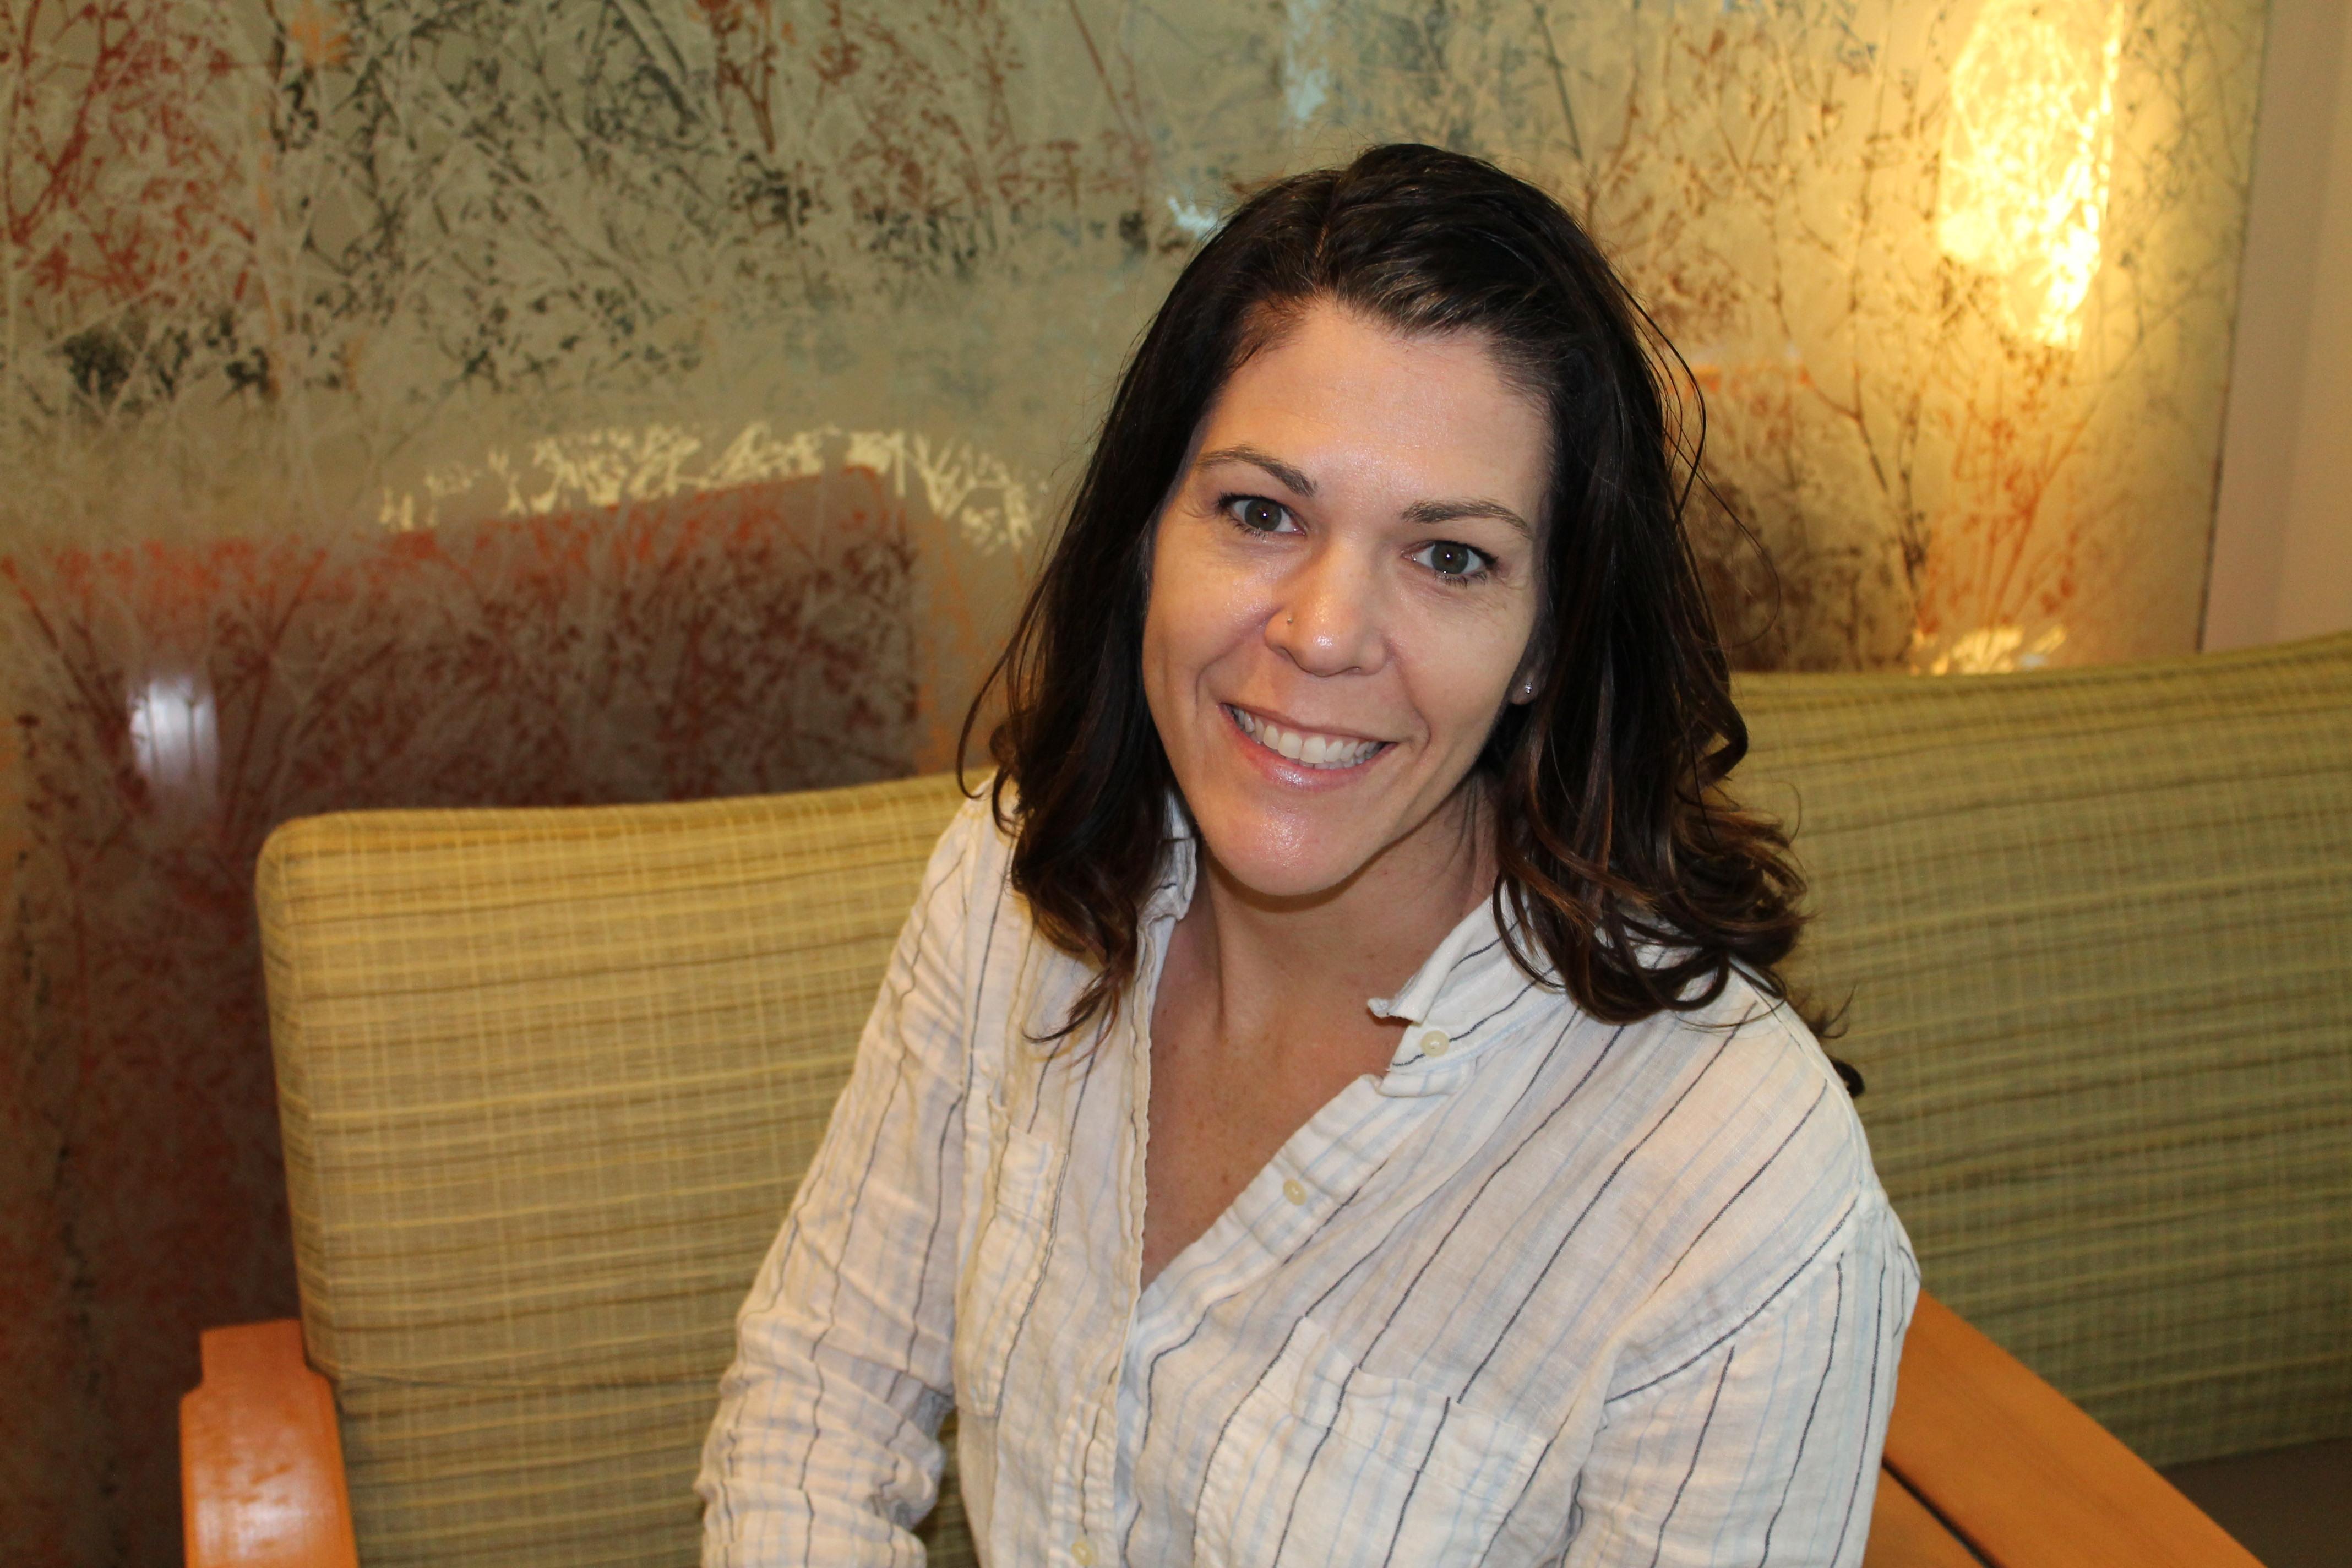 Liz Lemagie